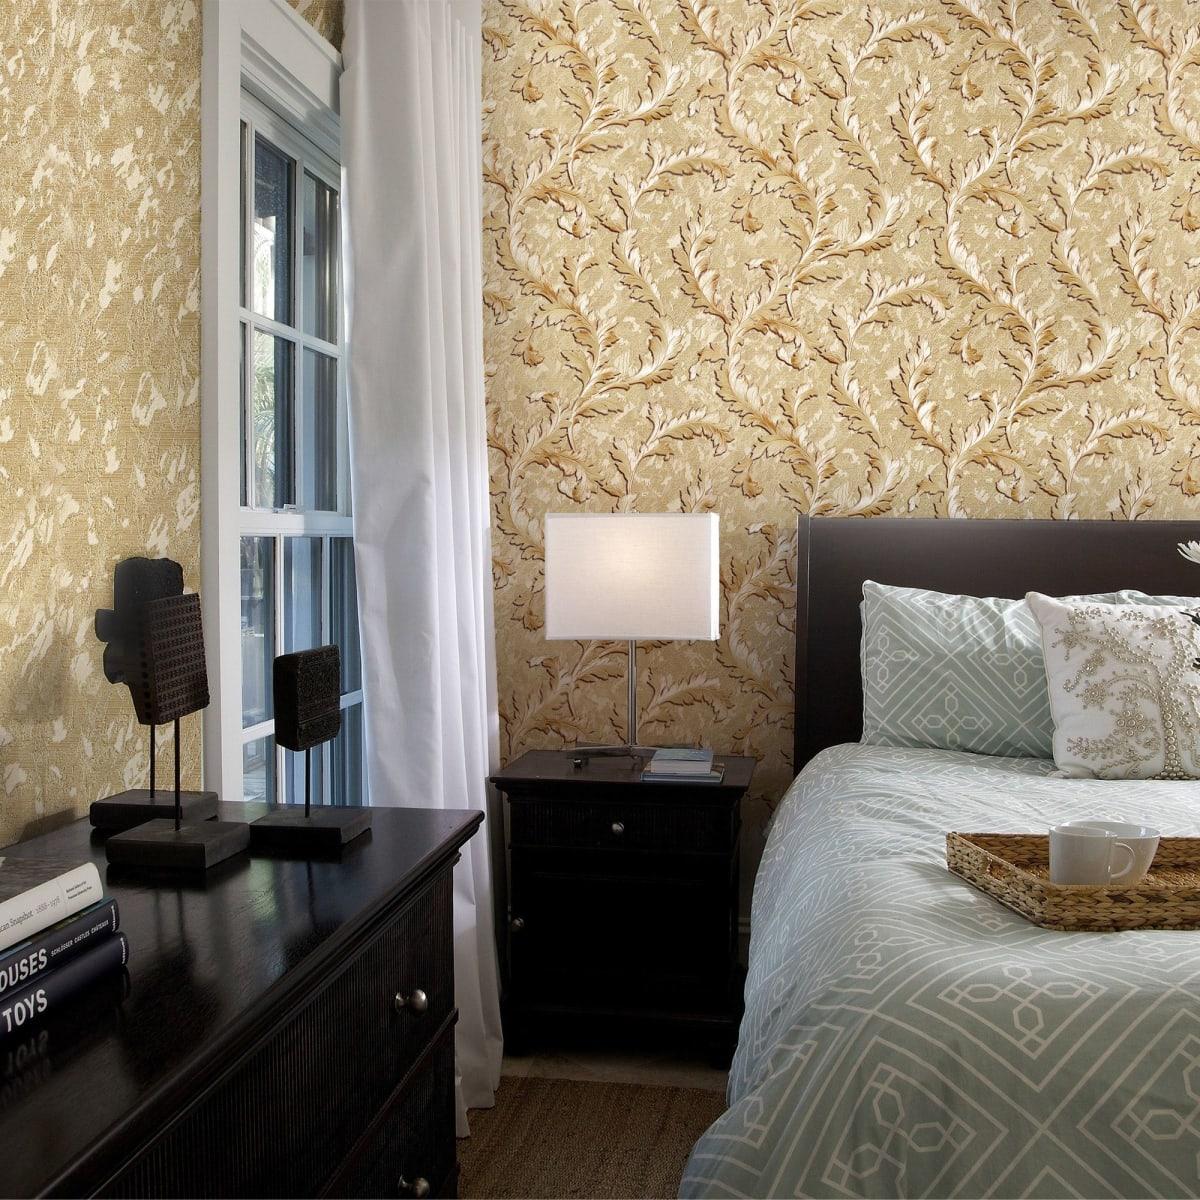 частный дом обои для стен в леруа мерлен фото собой прямоугольник светло-коричневого